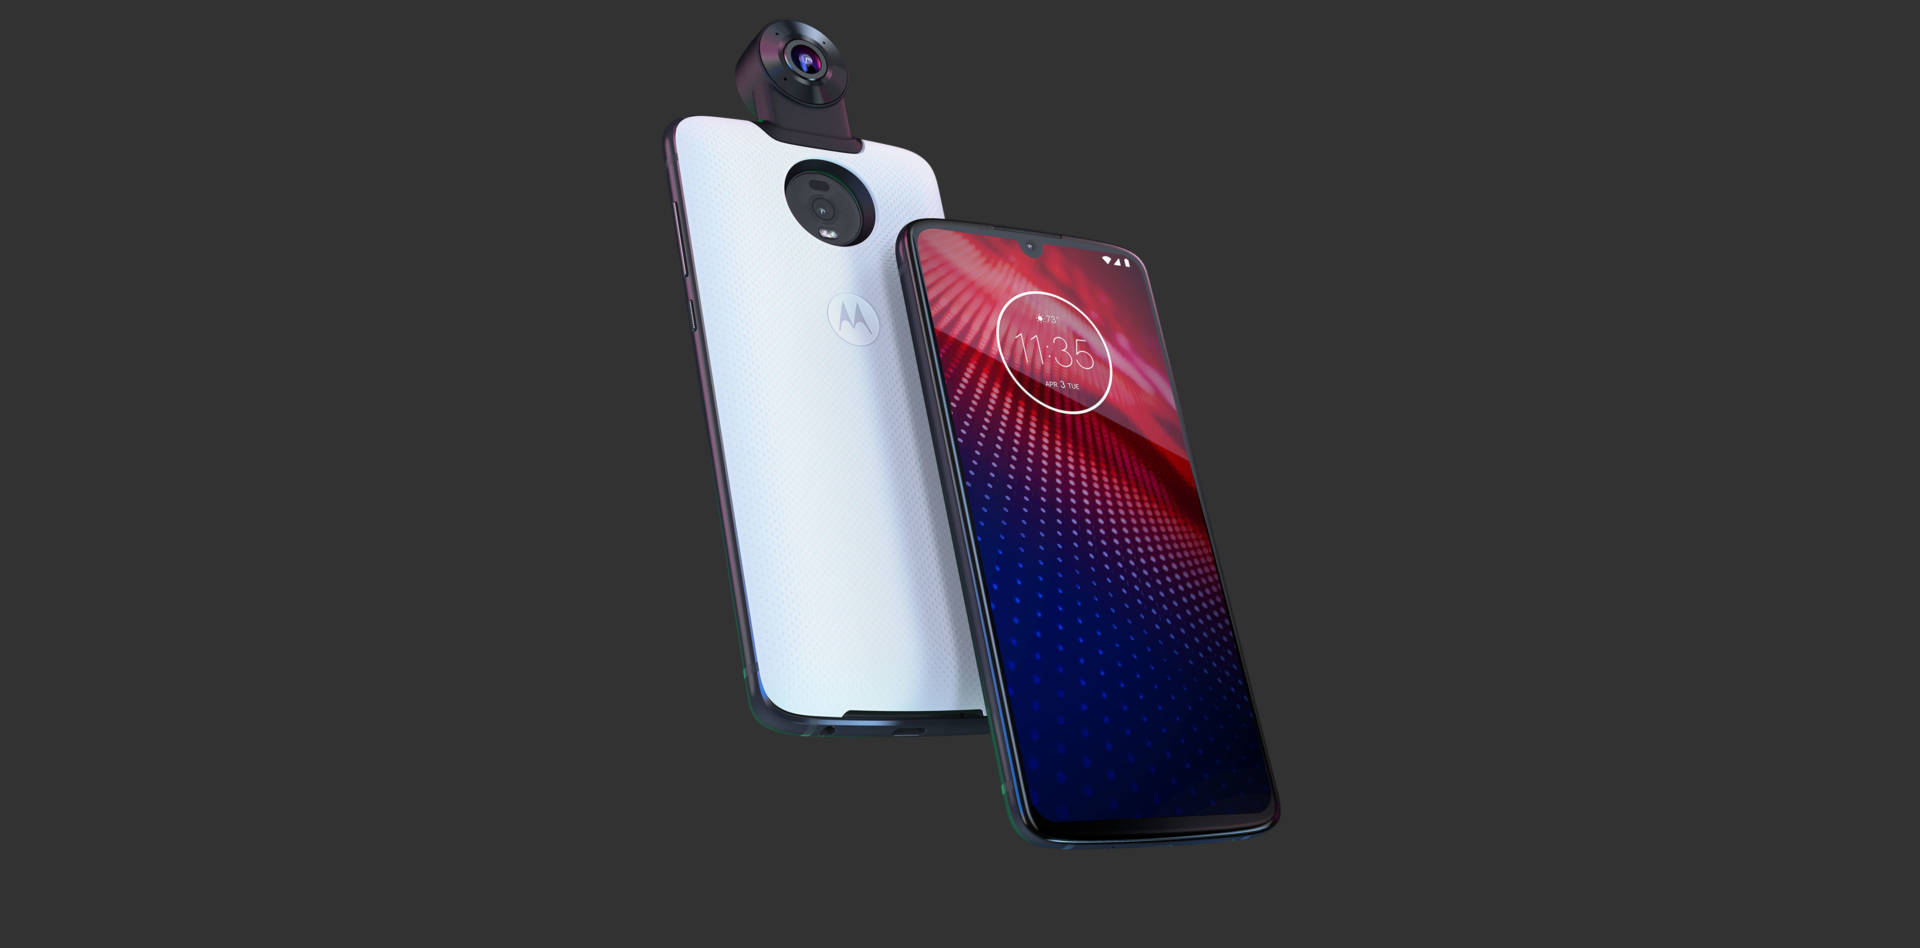 Motorola Moto Z4: esce il primo smartphone pronto al 5G